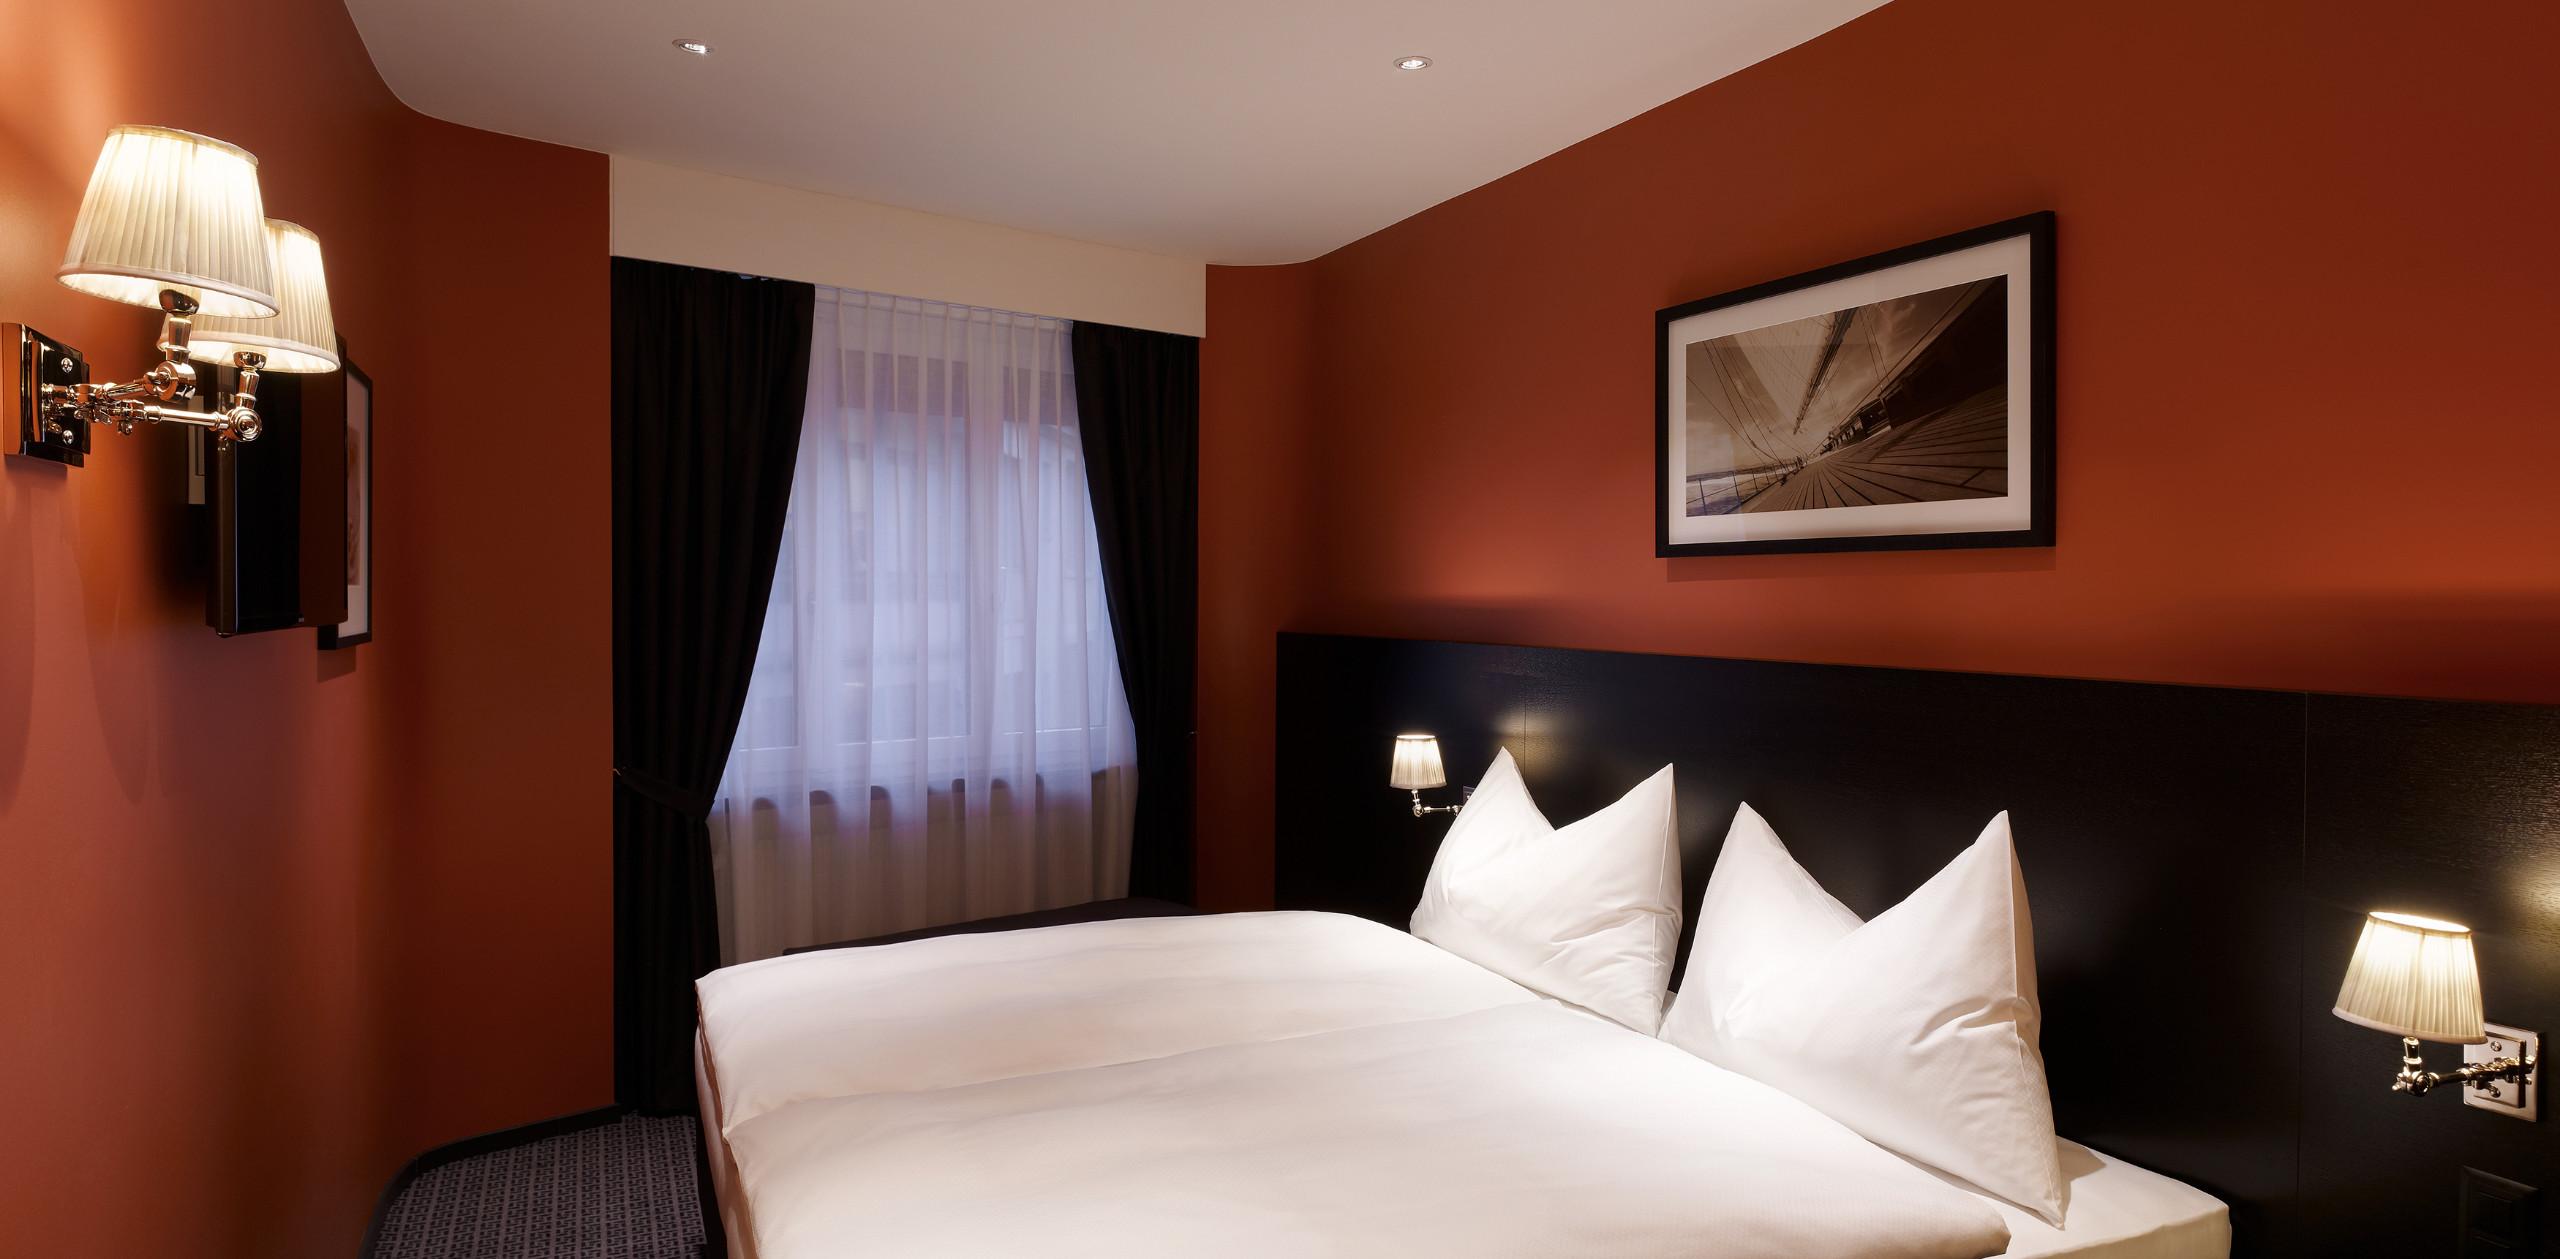 Doppelzimmer Economy - Hotel City Zürich ***Superior Boutique Hotel